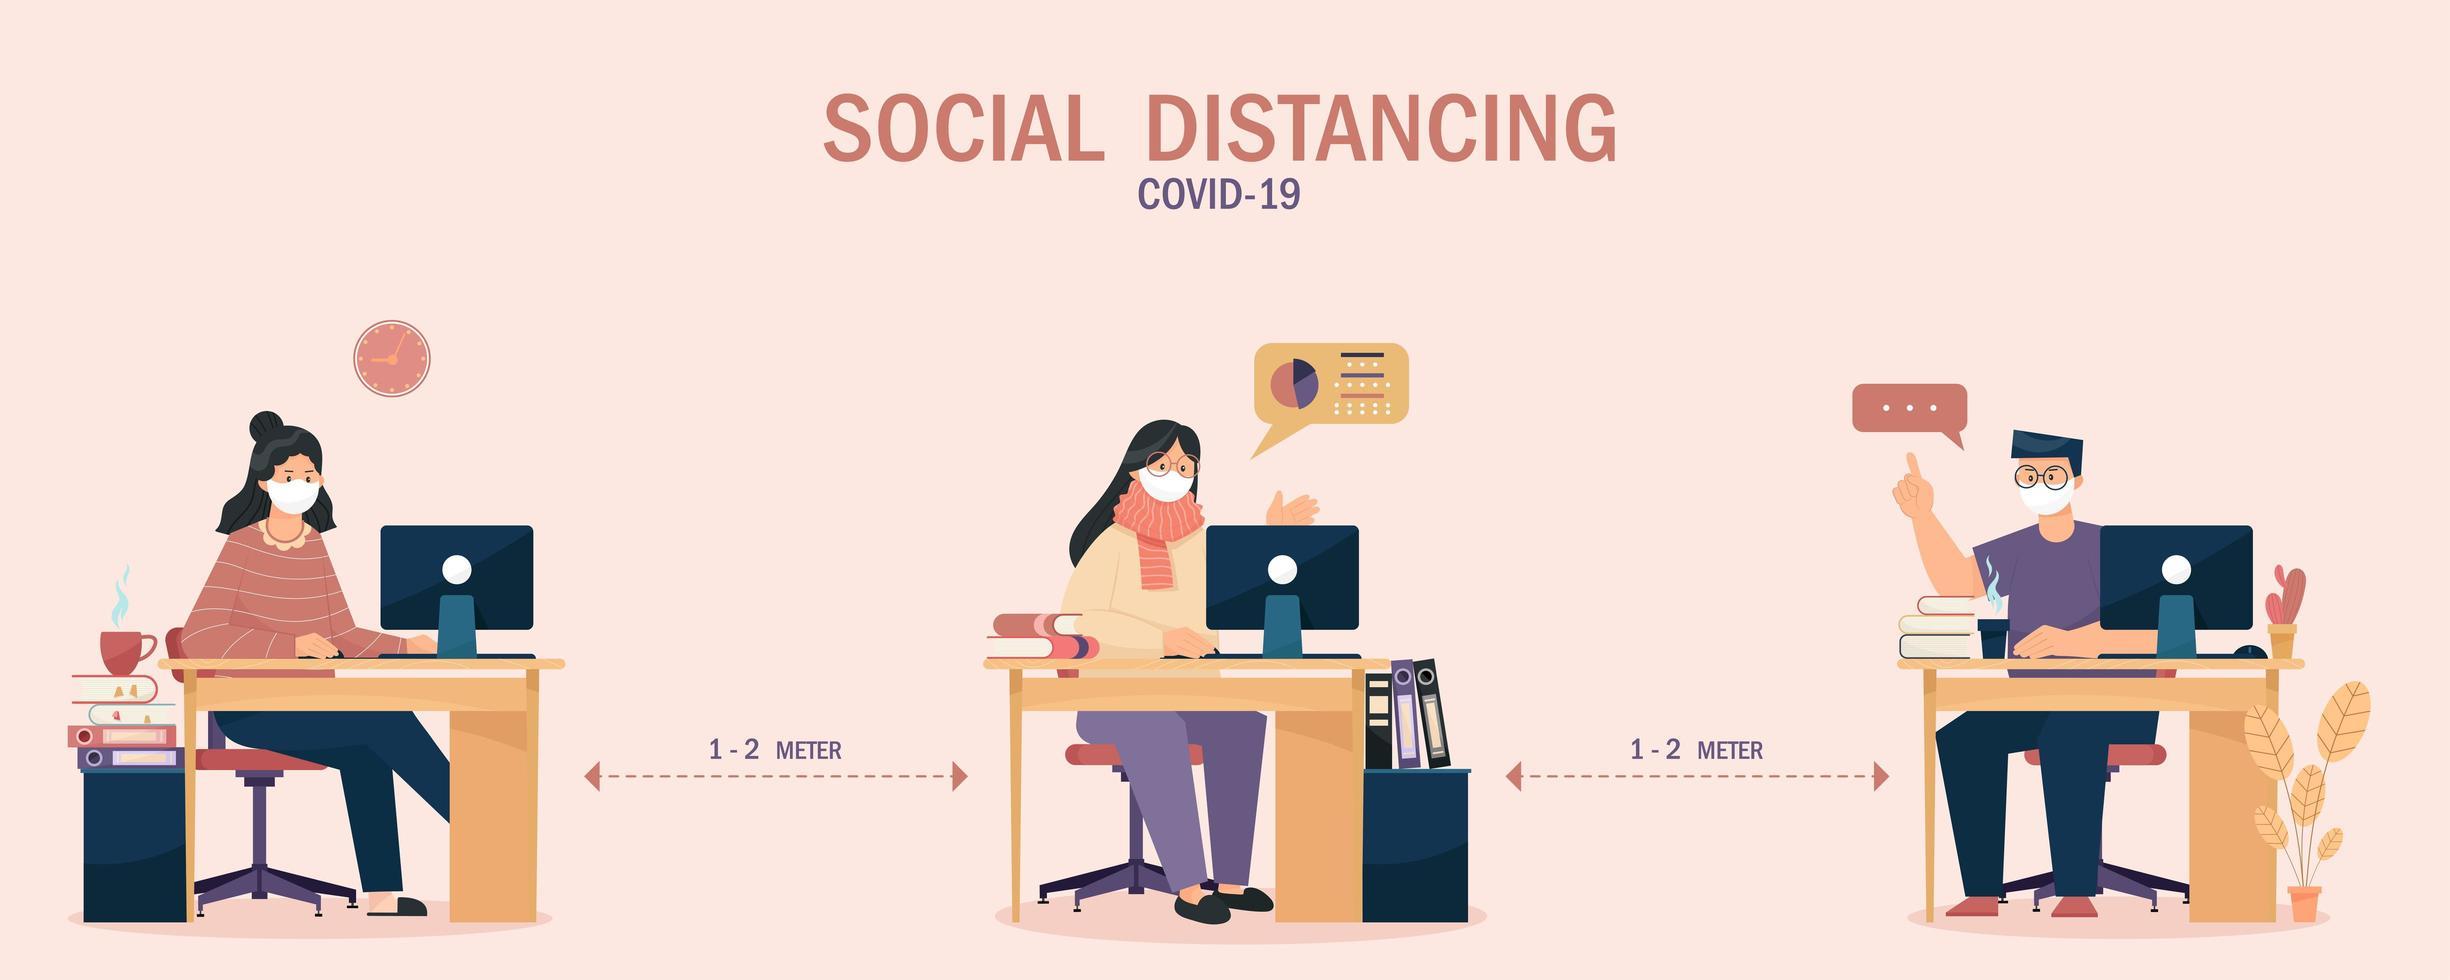 arbeitende Menschen soziale Distanzierung, um Covid-19 zu verhindern vektor